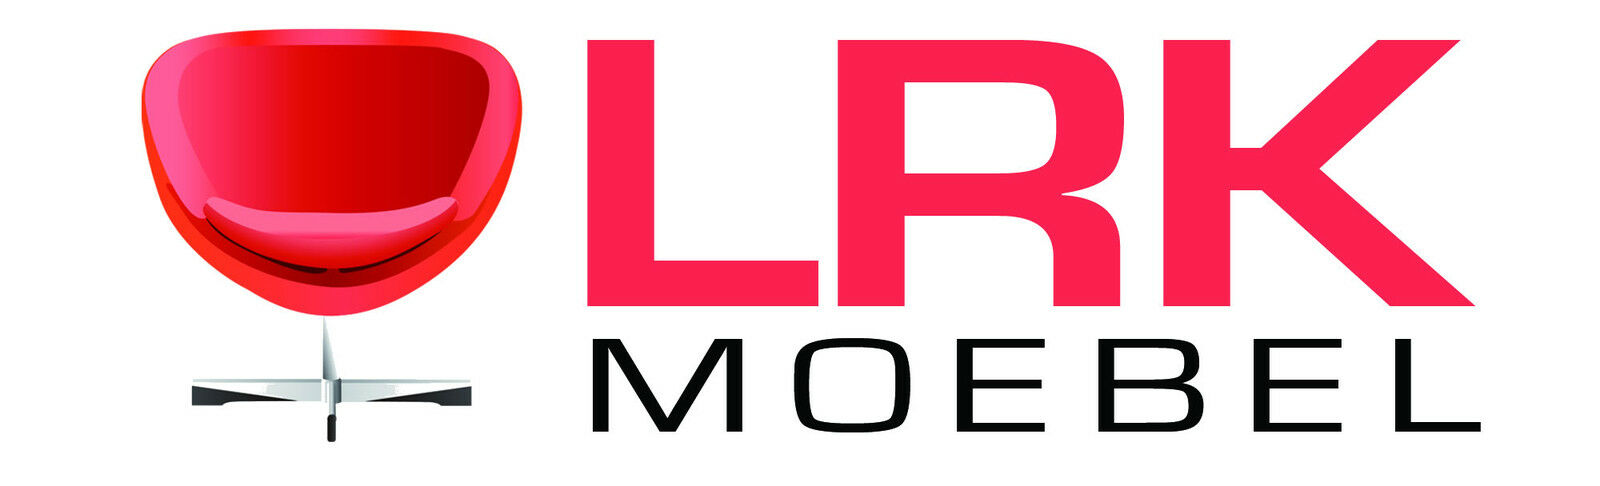 lrk-moebel-online